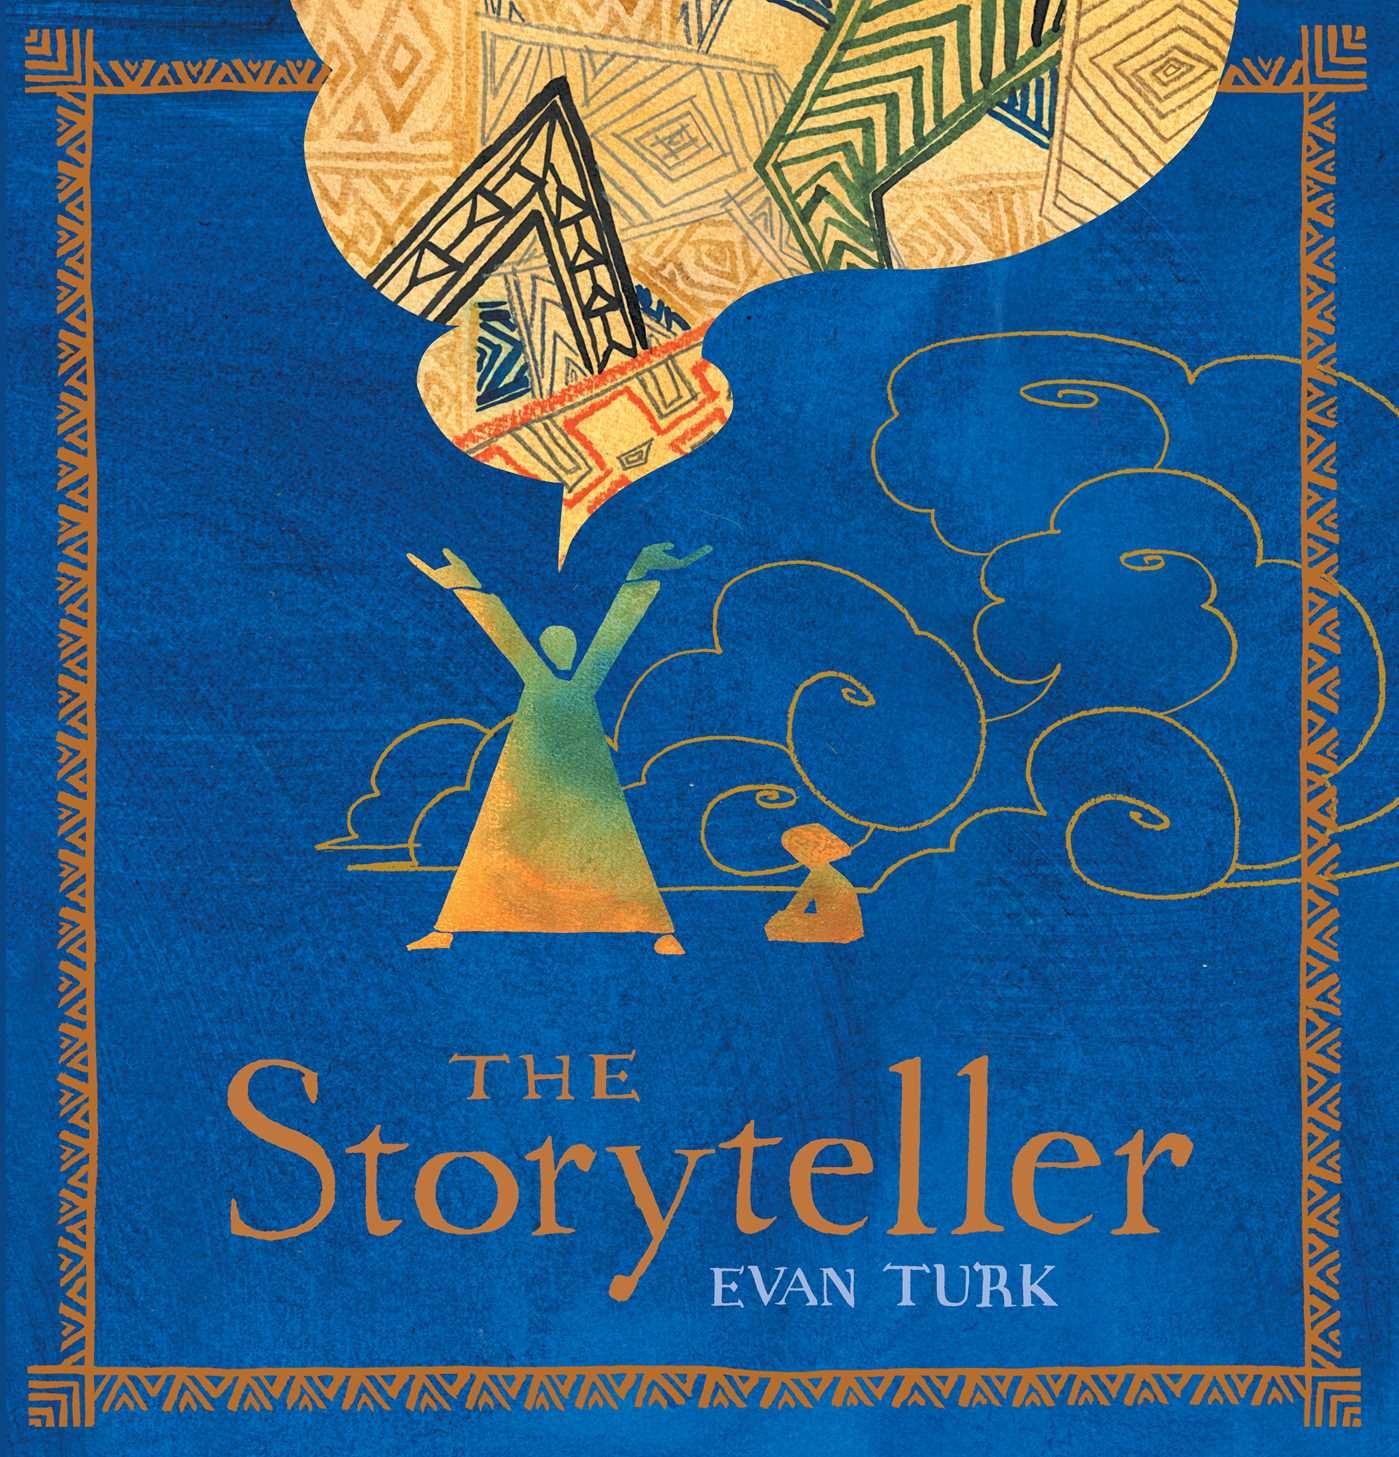 The storyteller 9781481435192 hr